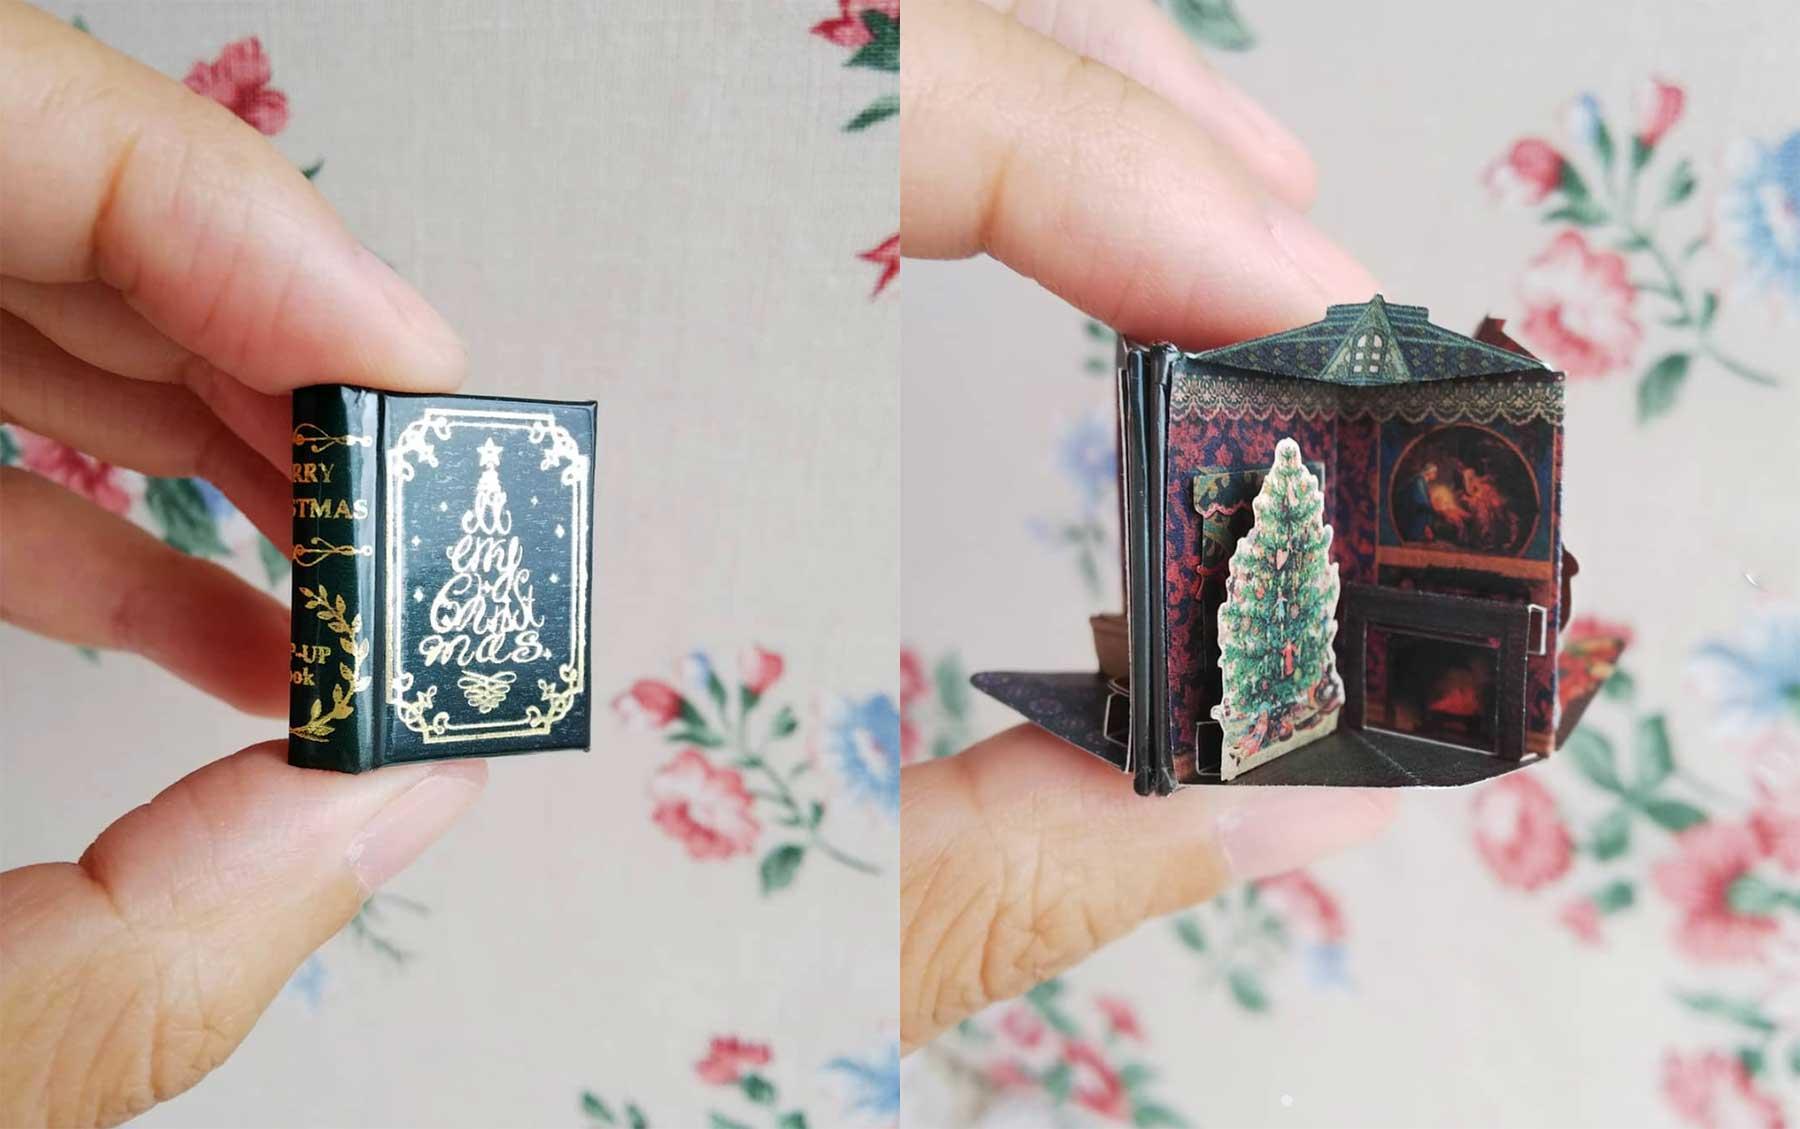 Miniatur-Pop-up-Bücher von Zhihui miniatur-pop-up-buecher-Zhihui_01